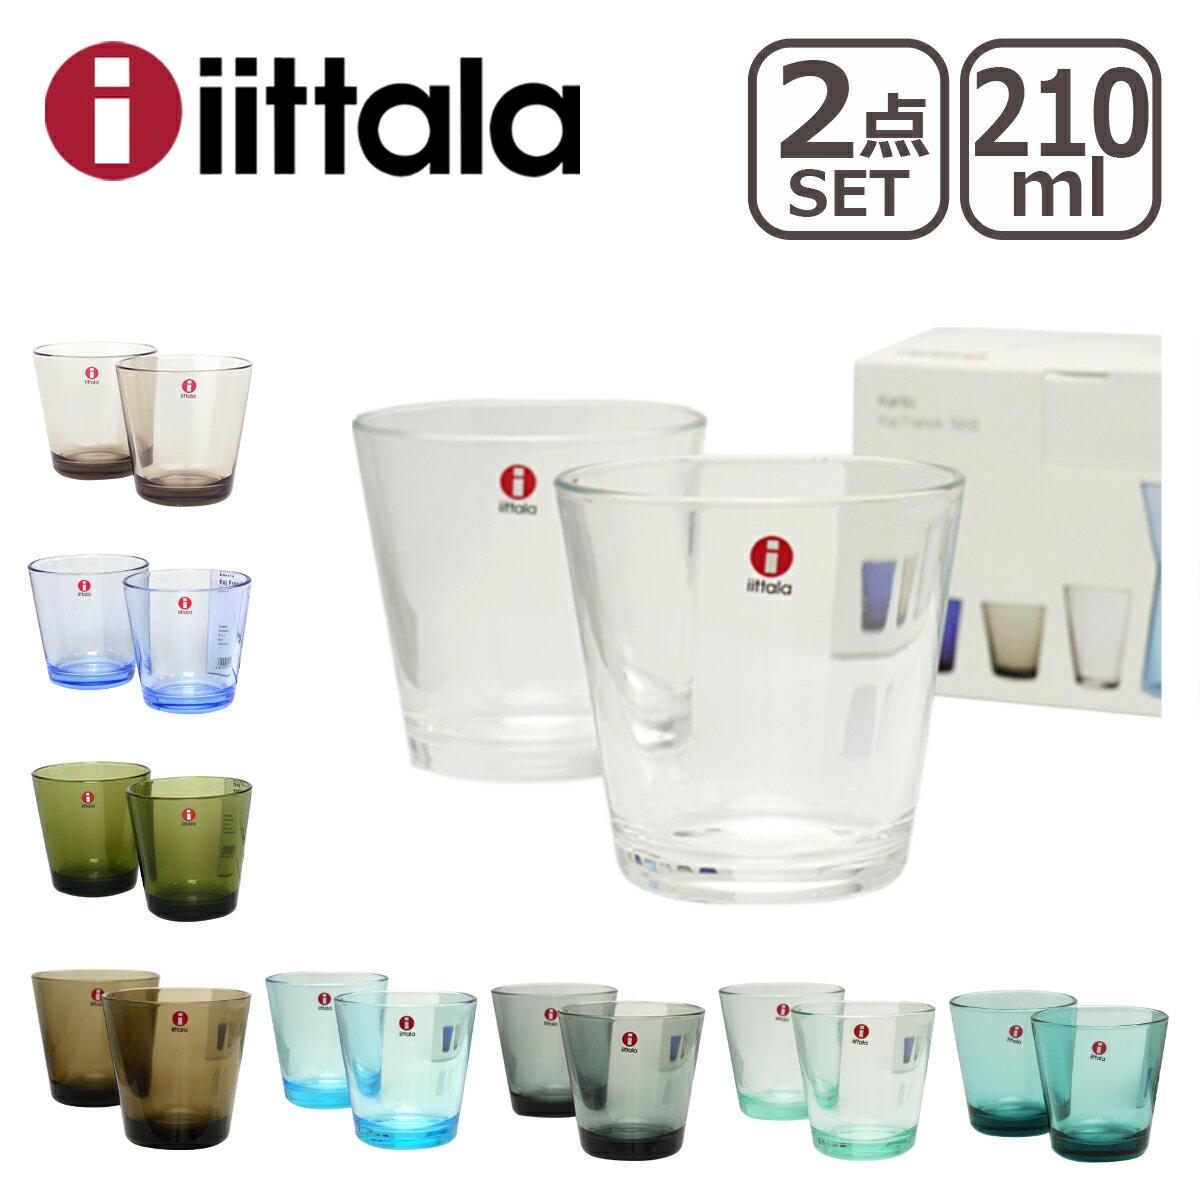 イッタラ (iittala) Kartio(カルティオ) グラス 2個セット♪ 210ml 選べるカラー タンブラー (Glass)【楽ギフ_包装】【楽ギフ_のし宛書】【イッタラ】【ittala】